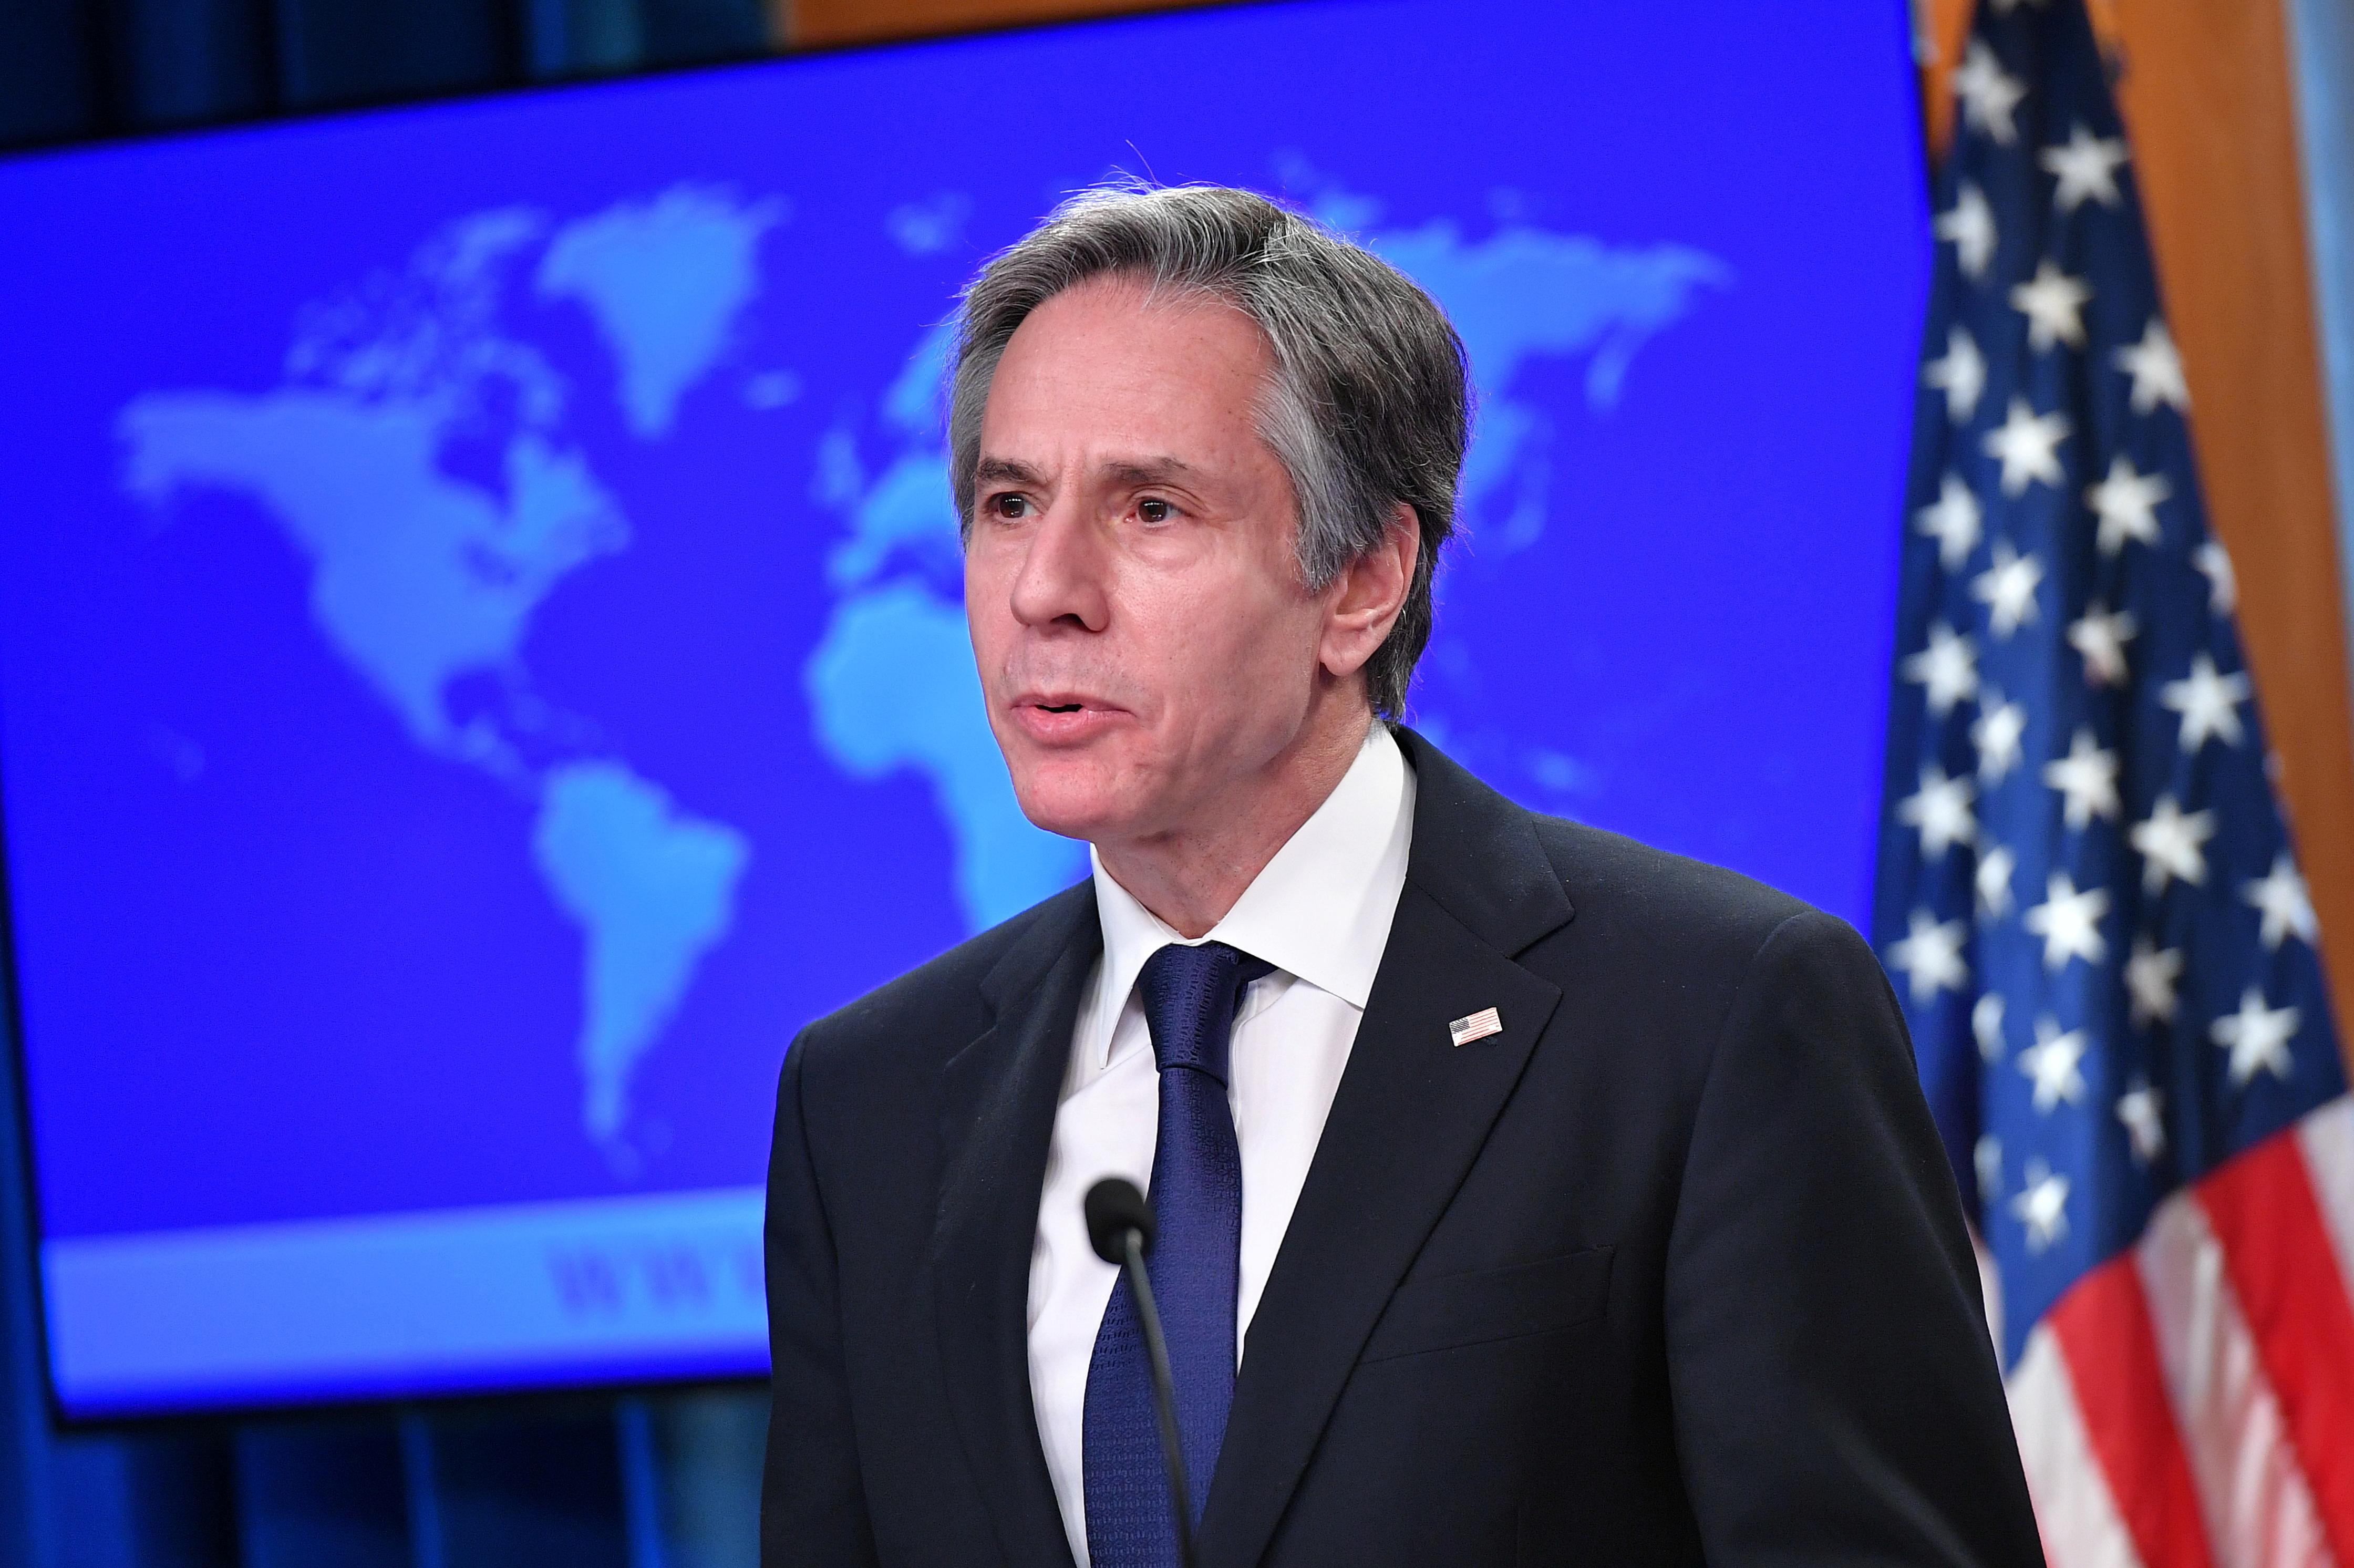 U.S. Secretary of State Antony Blinken speaks during the release of the